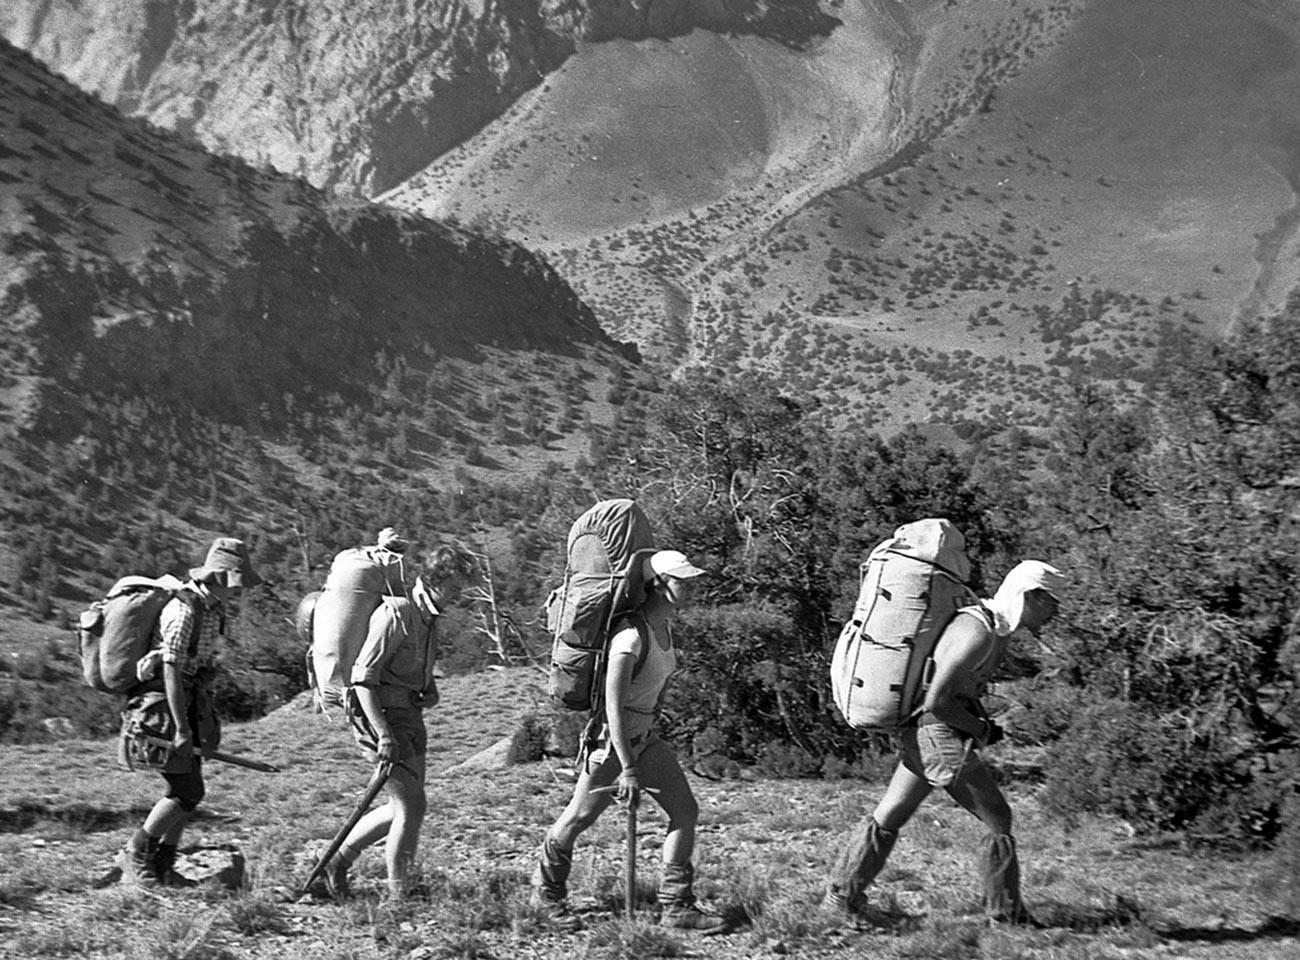 Les alpinistes et randonneurs soviétiques se sont rués pour conquérir les sommets du massif de Pamir.